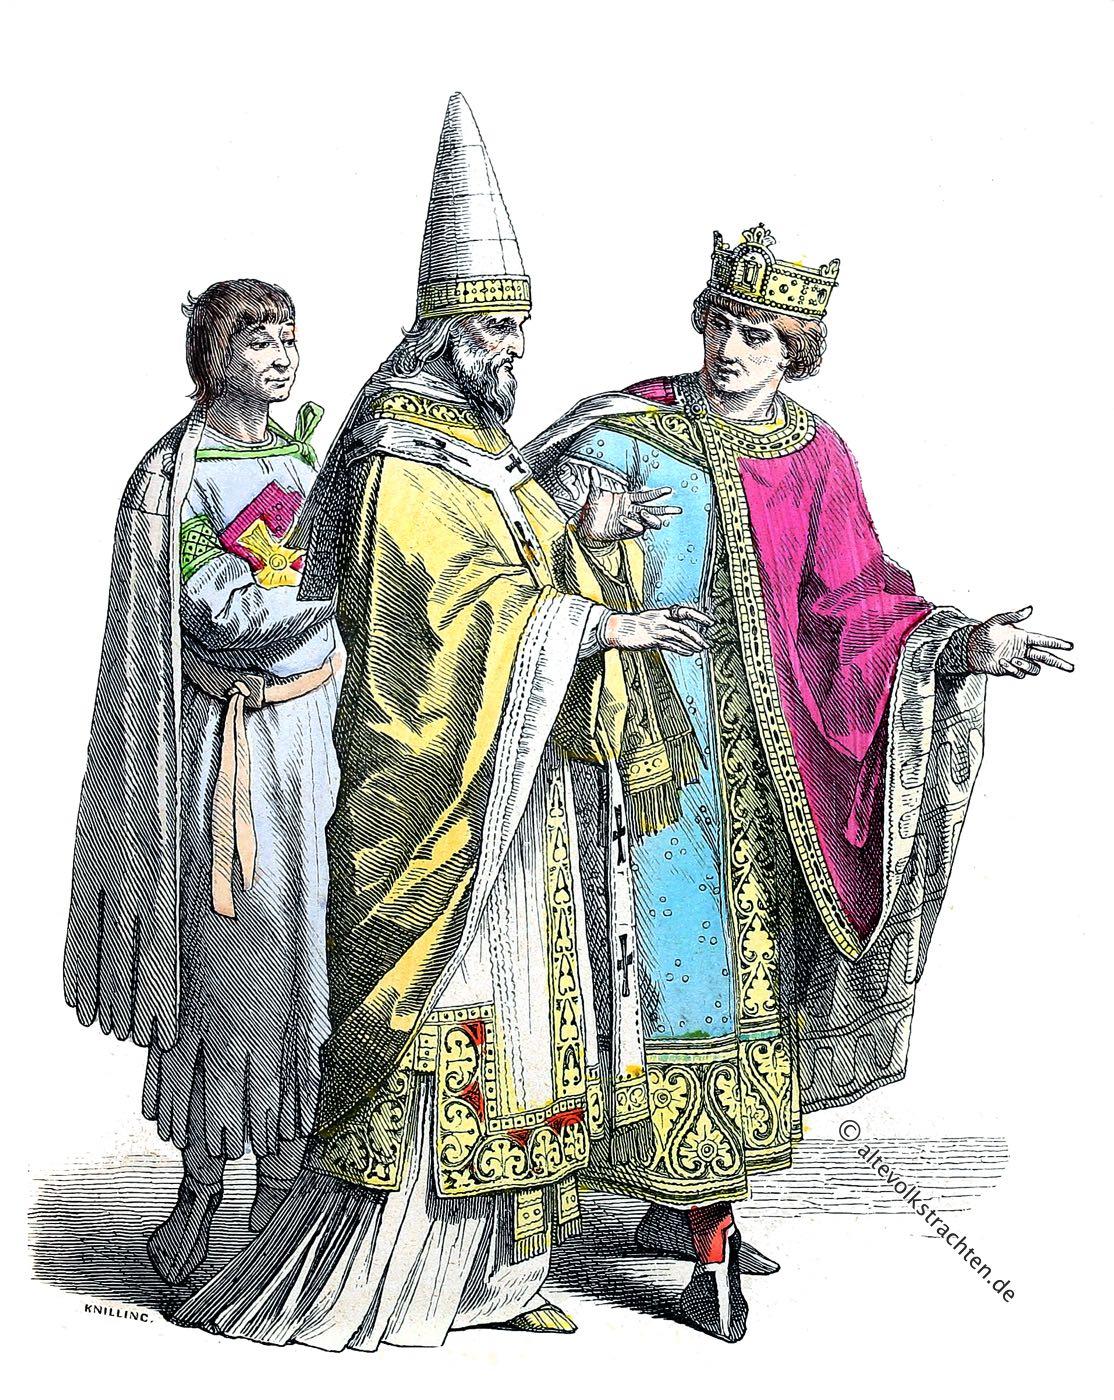 Diener, Papst, König, Mittelalter, Kleidung, Kostüme